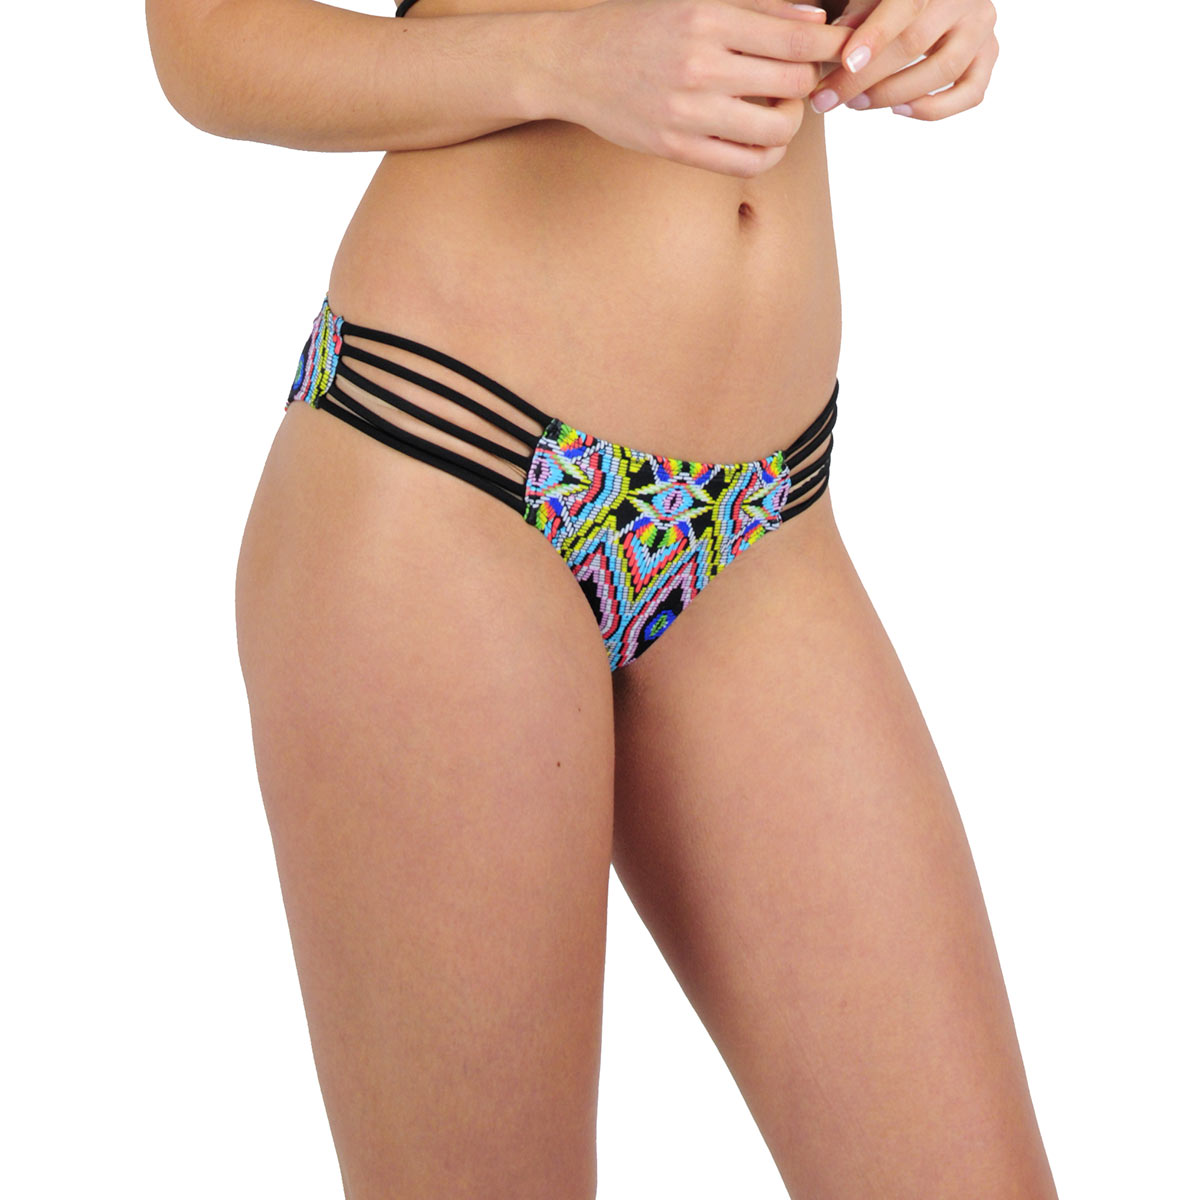 Ma culotte Itsy Bikini multicolore Tribal (Bas)